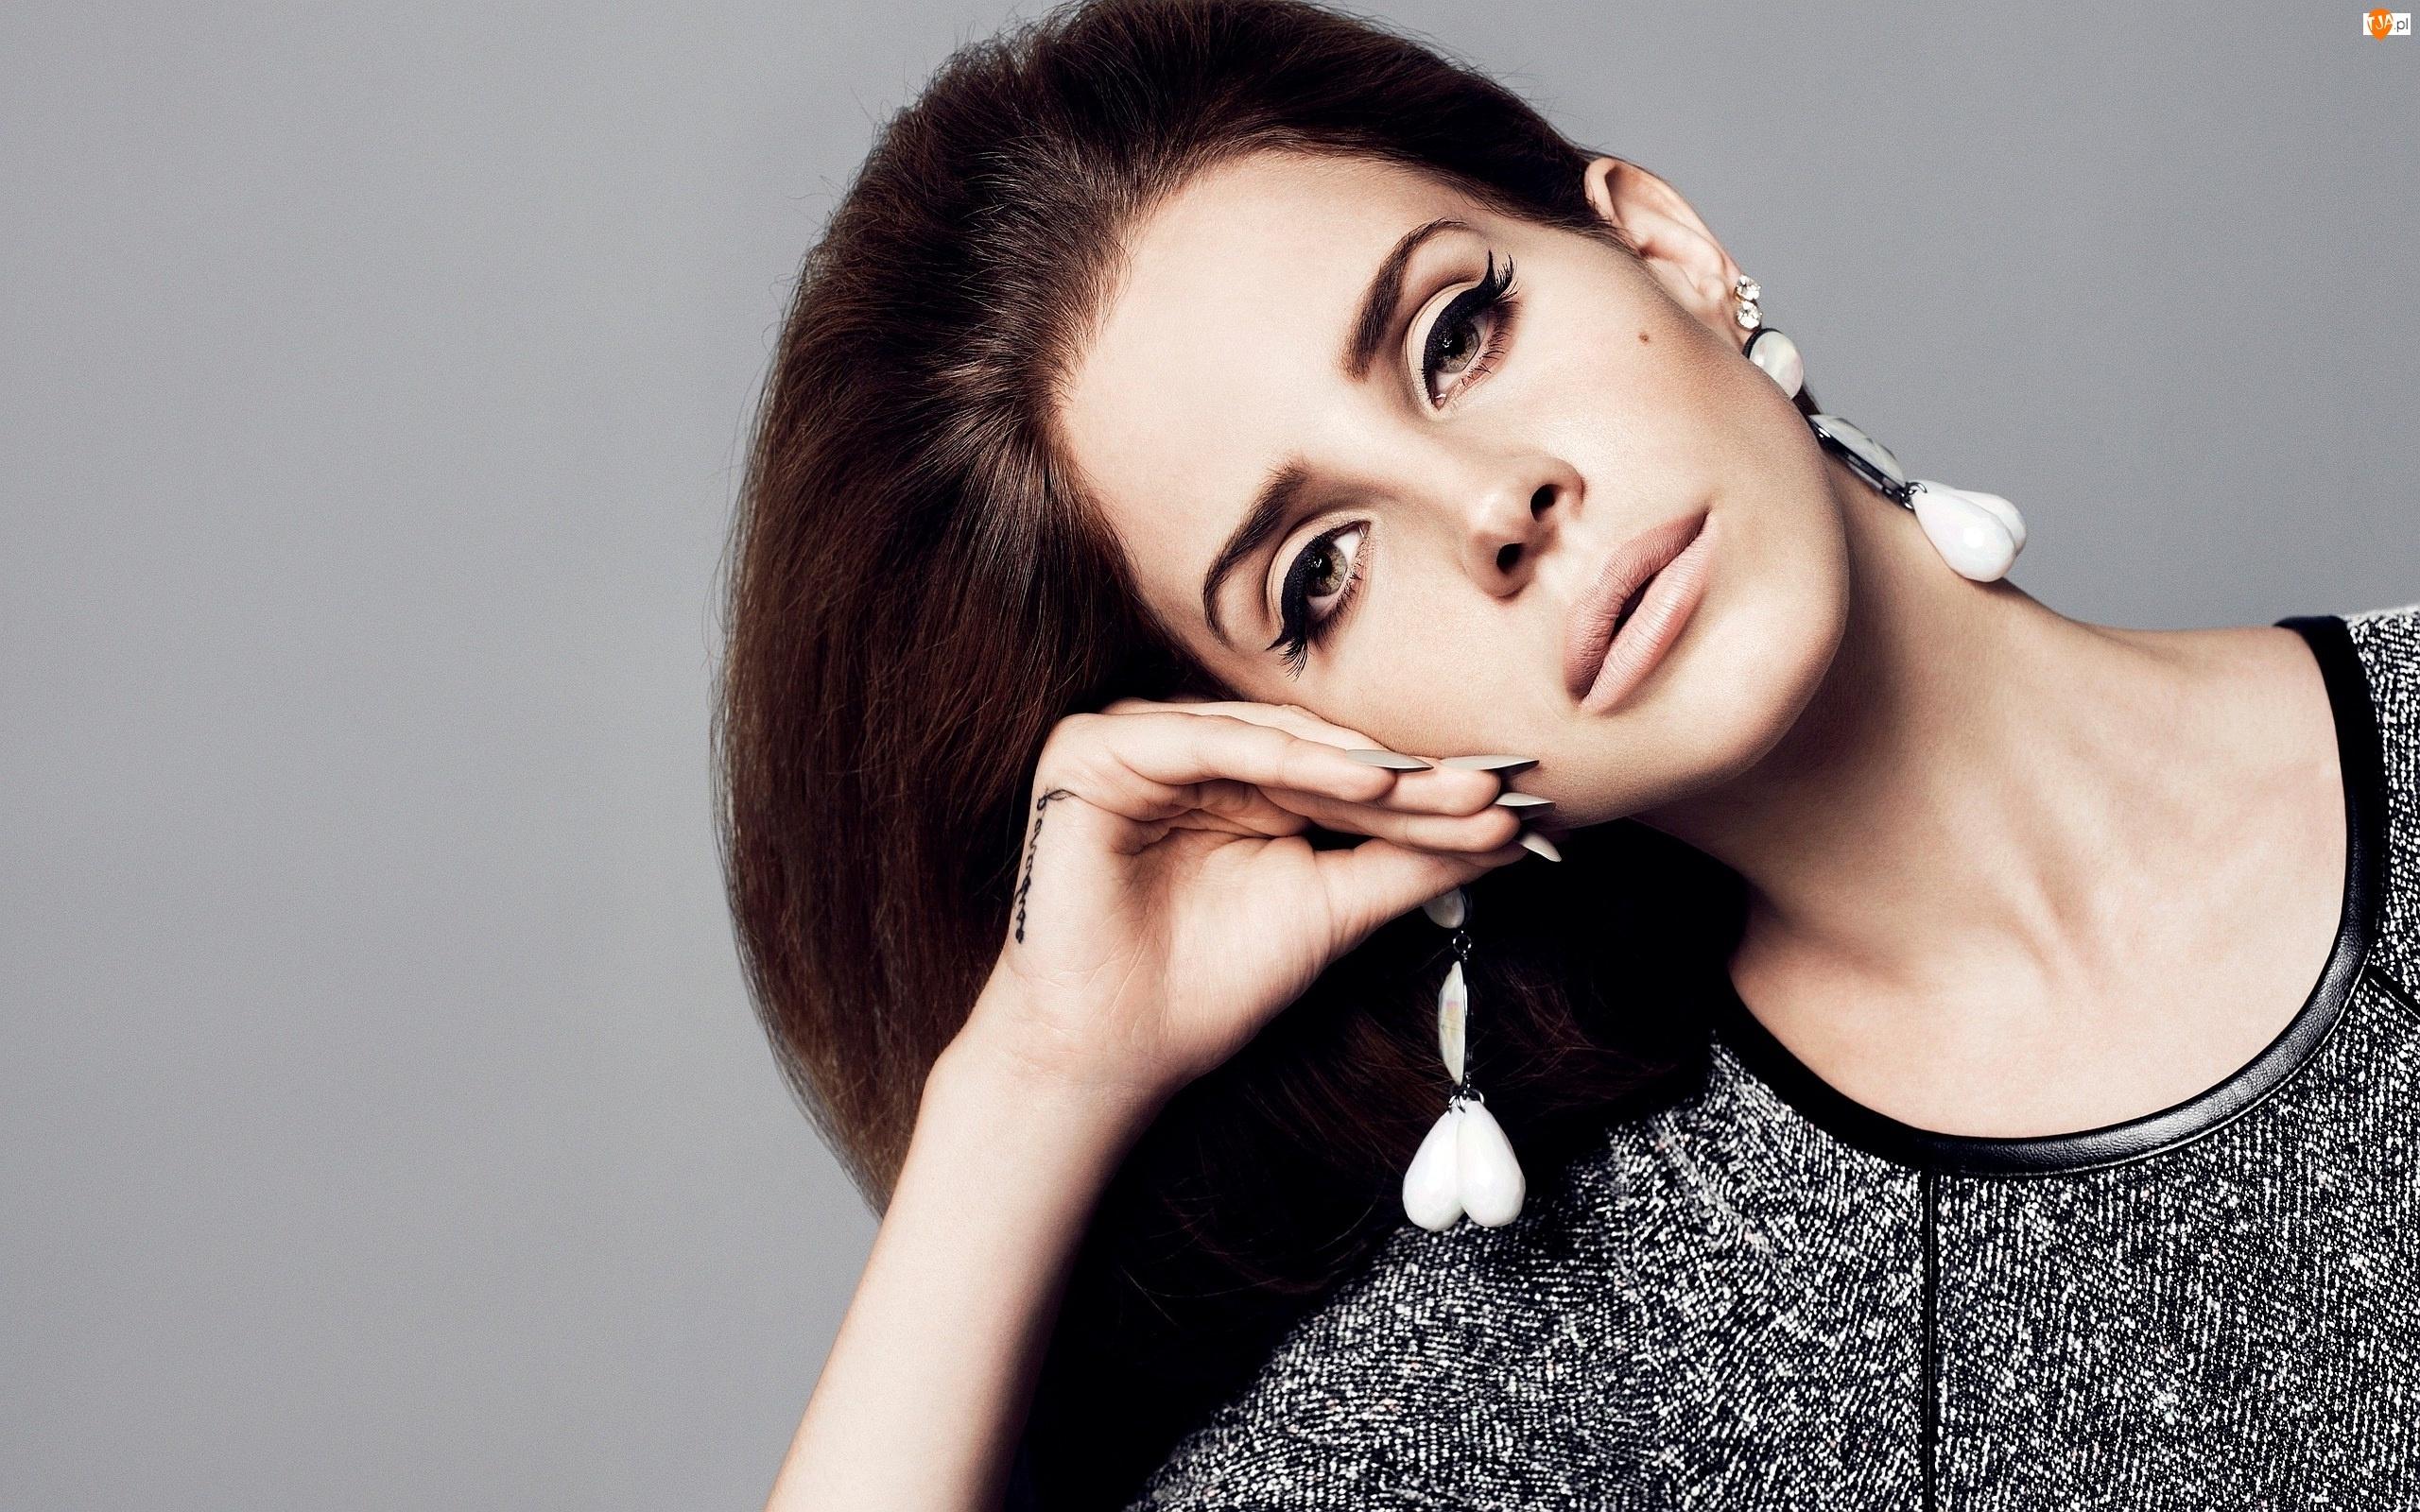 Kolczyki, Kobieta, Lana Del Rey, Piosenkarka, Dłoń